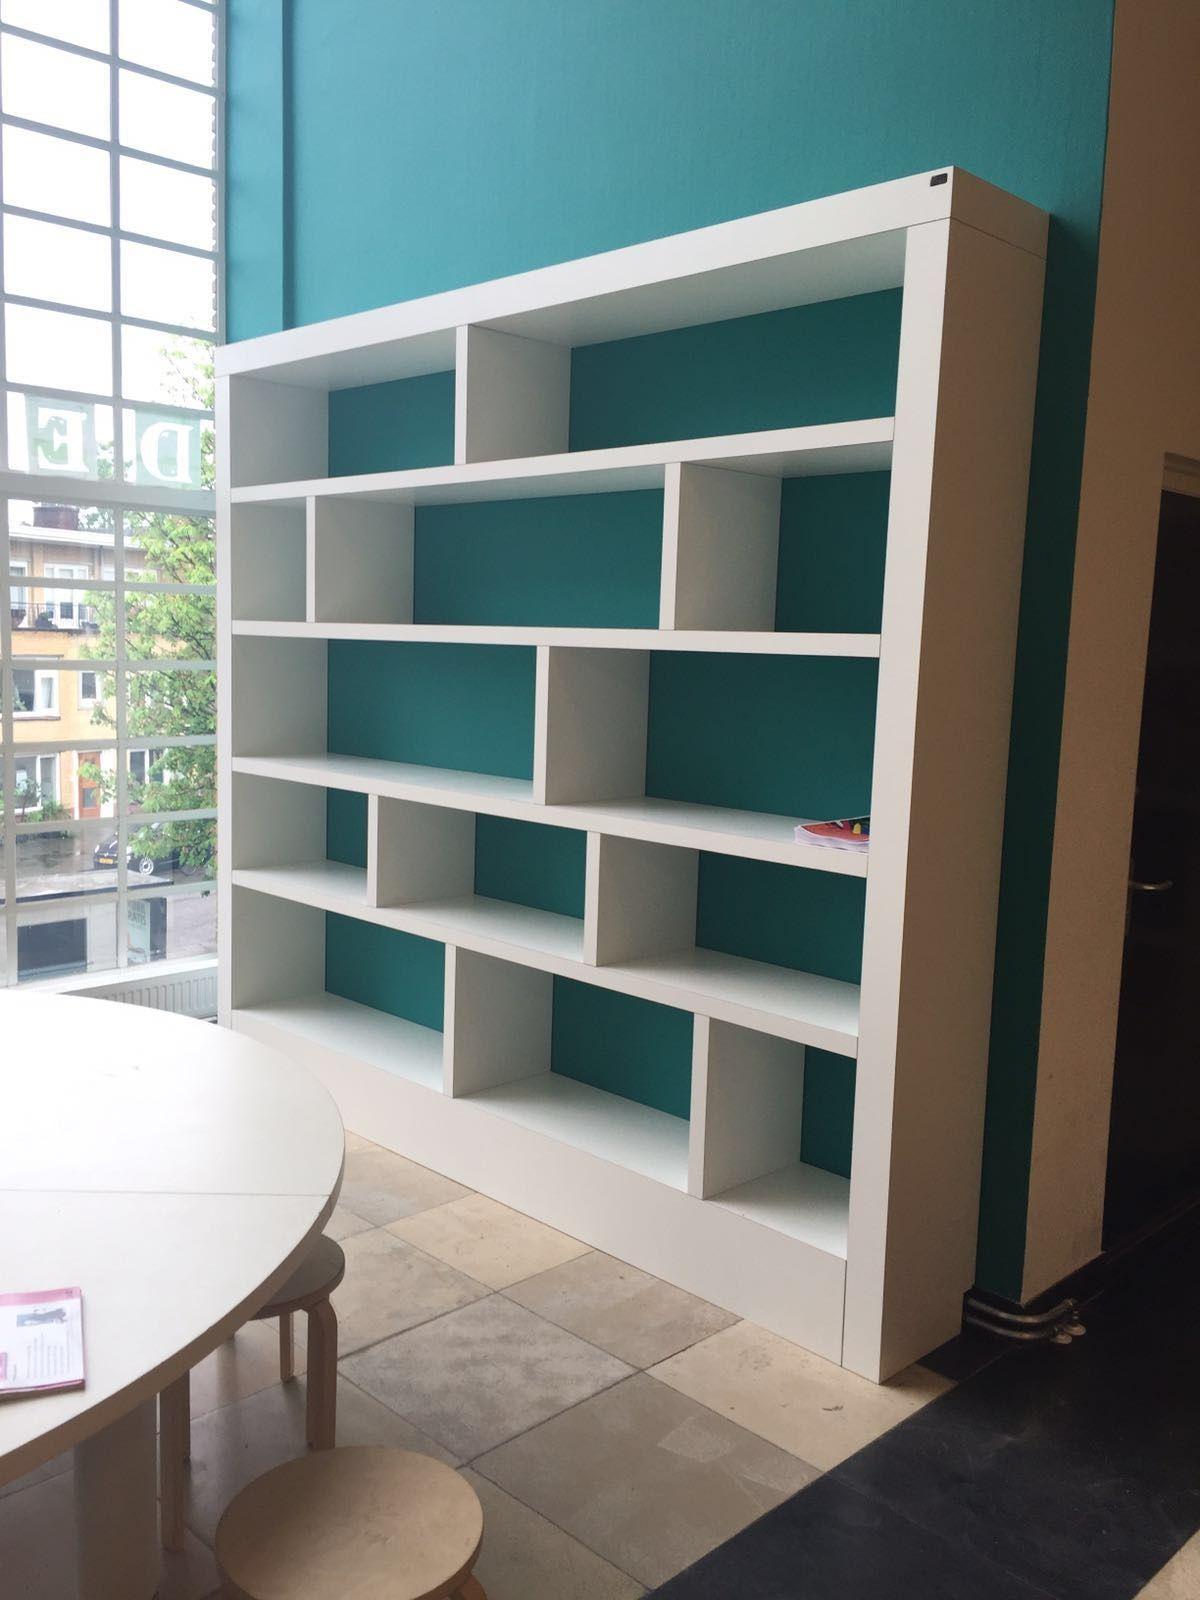 Speelse hpl vakkenkast / boekenkast op maat gemaakt   Shelf It ...